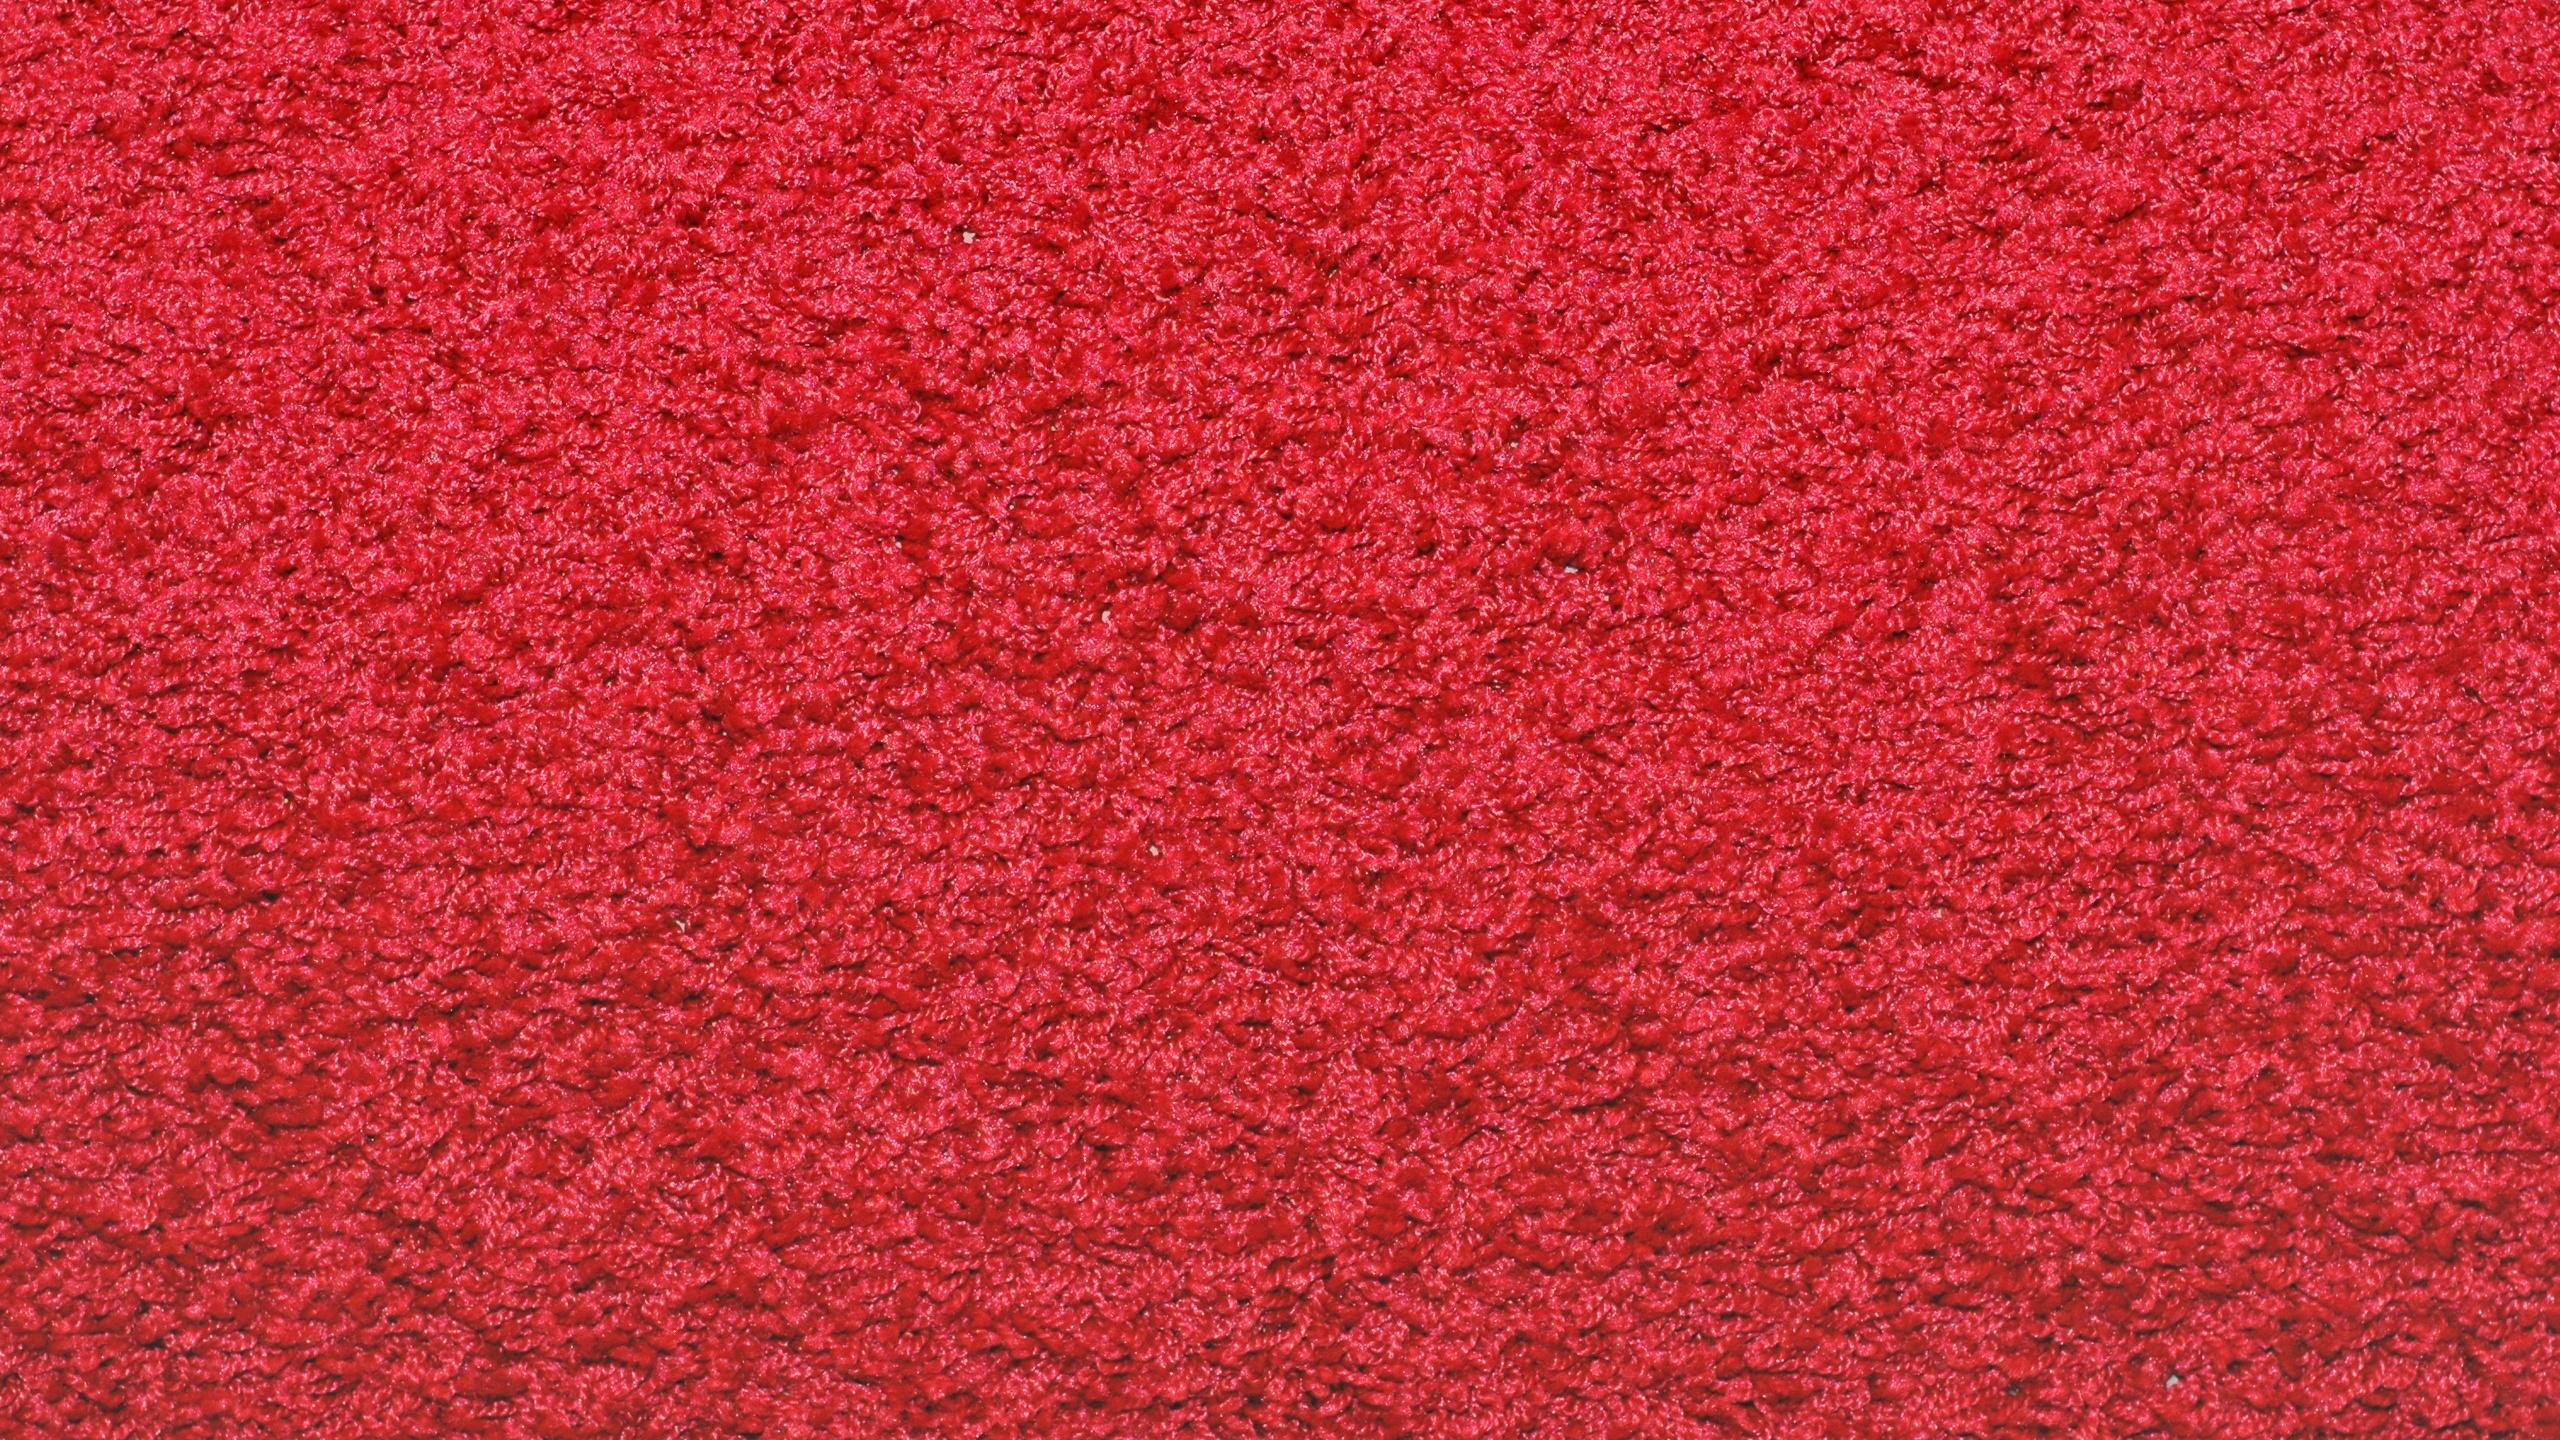 Carpet Red   Carpet Vidalondon 2560x1440